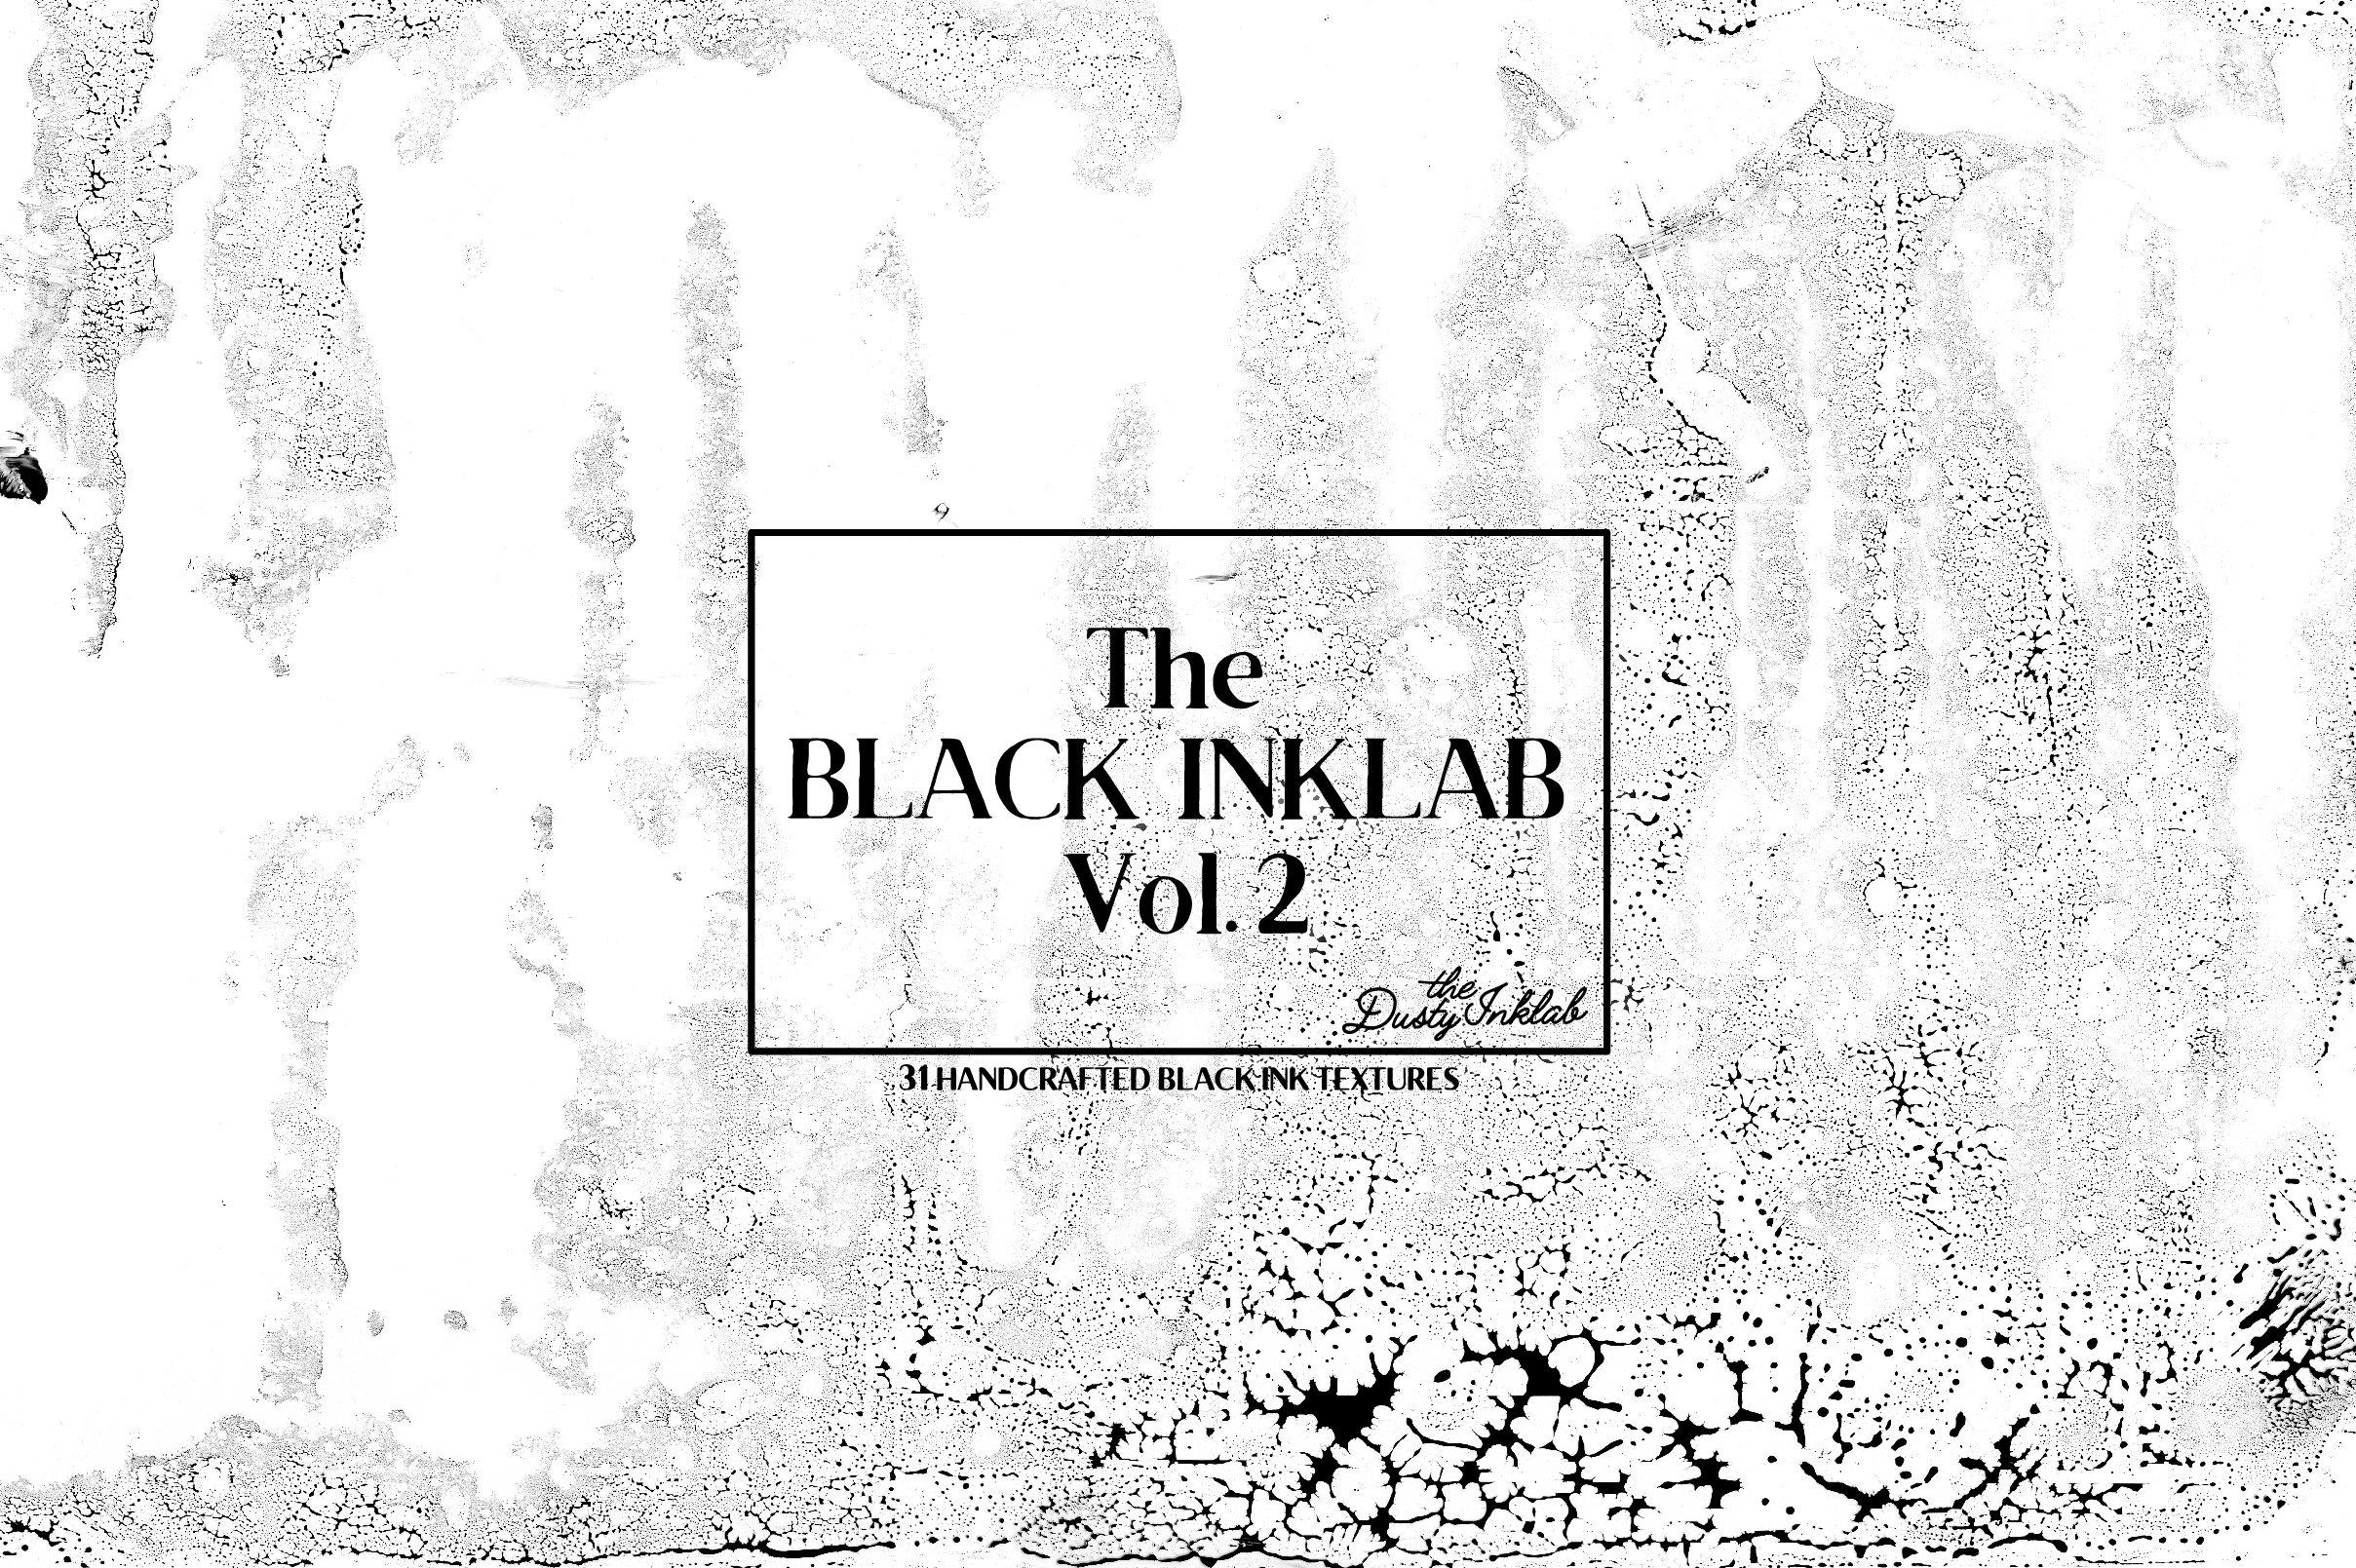 156款复古做旧折痕磨损褶皱纸张背景纹理素材合集 The Grunge Texture Bundle Vol. 1插图(66)